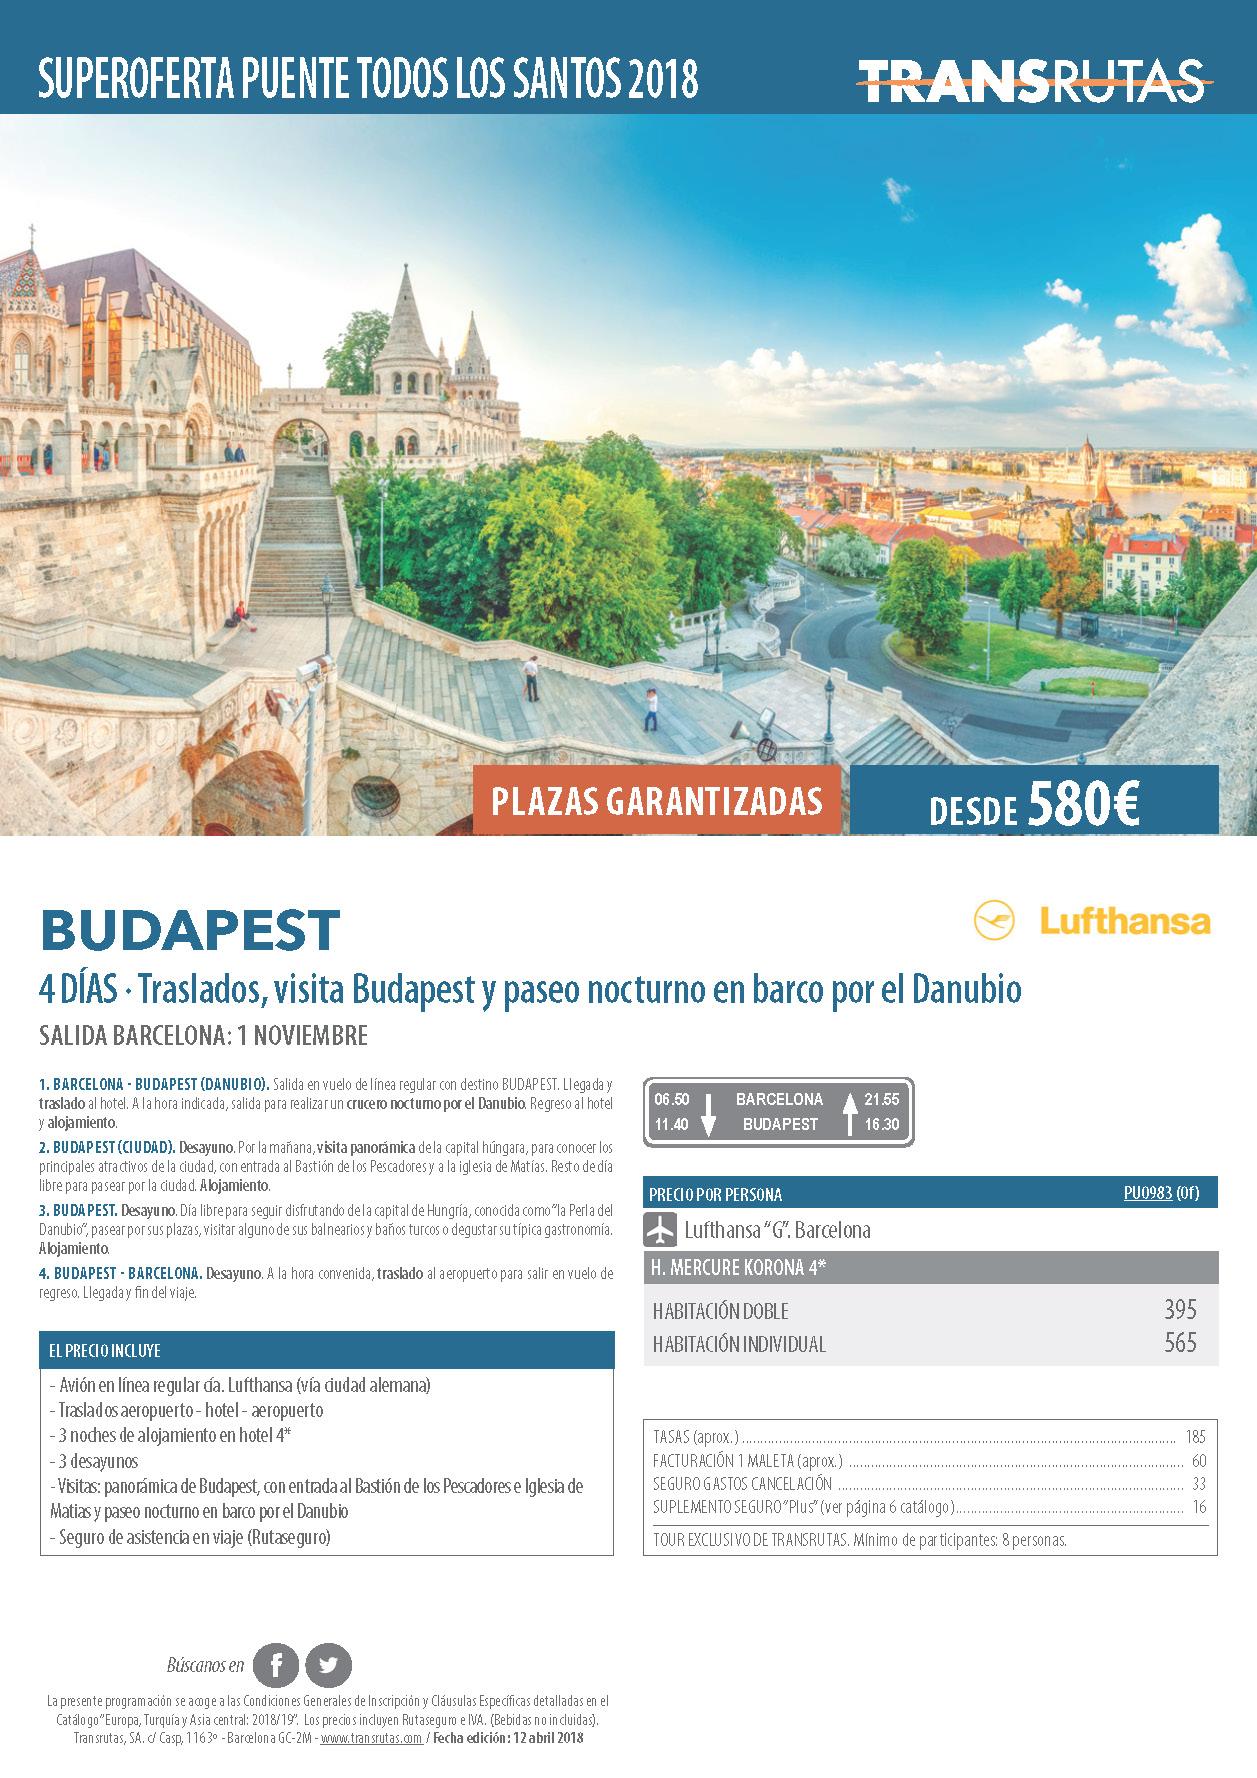 Oferta Transrutas Puente de Todos los Santos 2018 en Budapest vuelo directo desde Barcelona